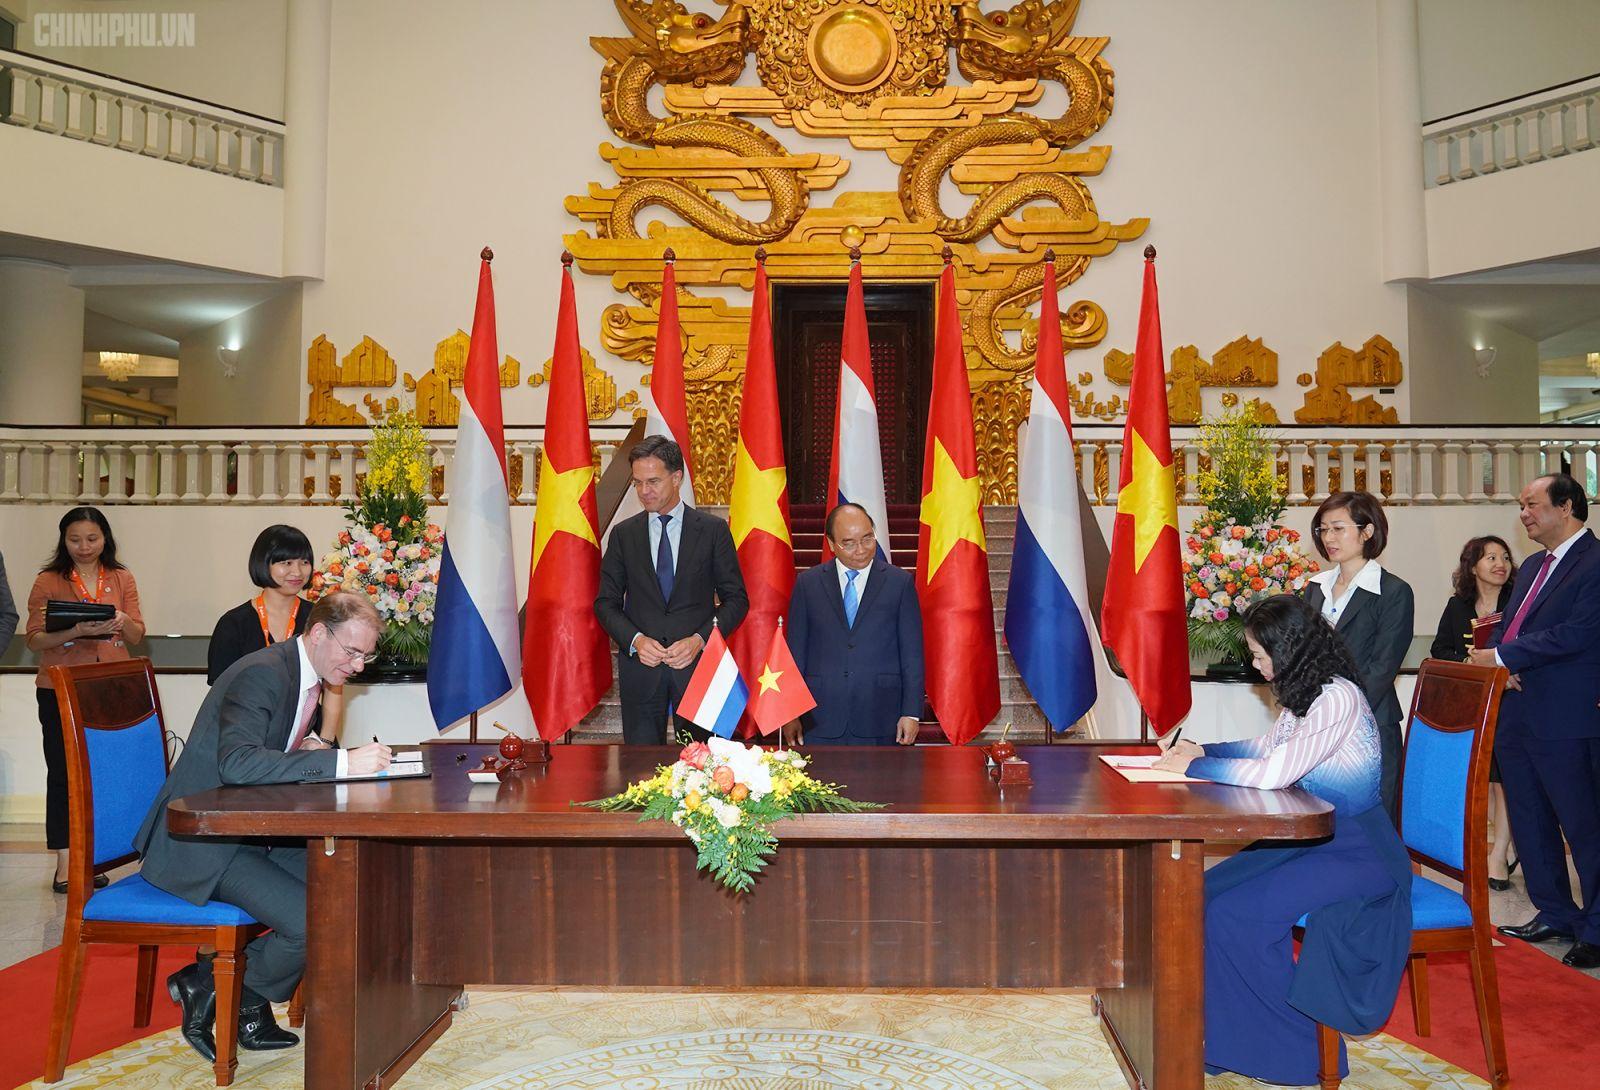 Thủ tướng Nguyễn Xuân Phúc và Thủ tướng Mark Rutte chứng kiến lễ ký kết hợp tác giữa các cơ quan, đơn vị của hai nước. Ảnh: VGP/Quang Hiếu